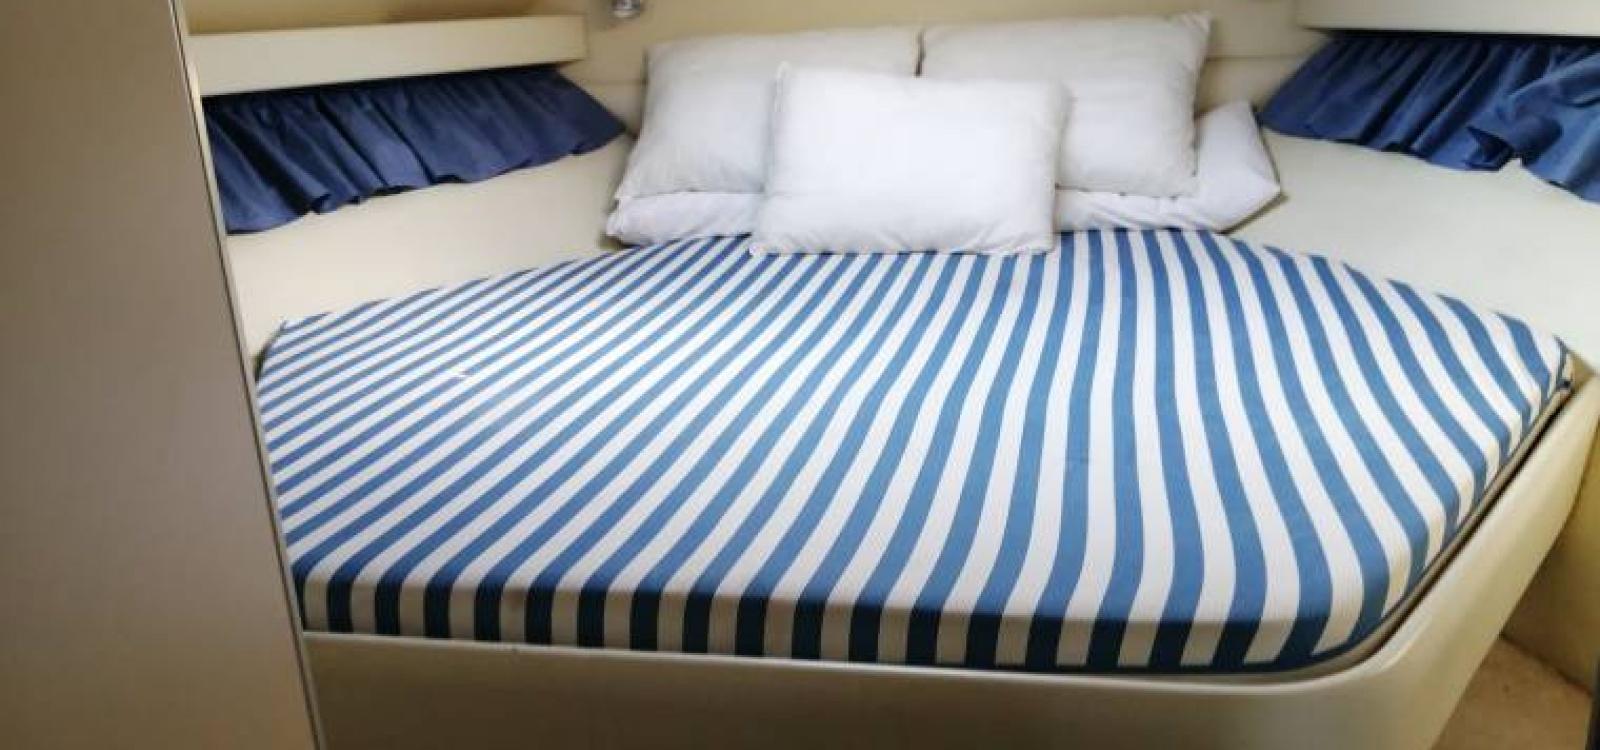 Vigo,Pontevedra,España,2 Habitaciones Habitaciones,1 BañoLavabos,Barco a motor,2144